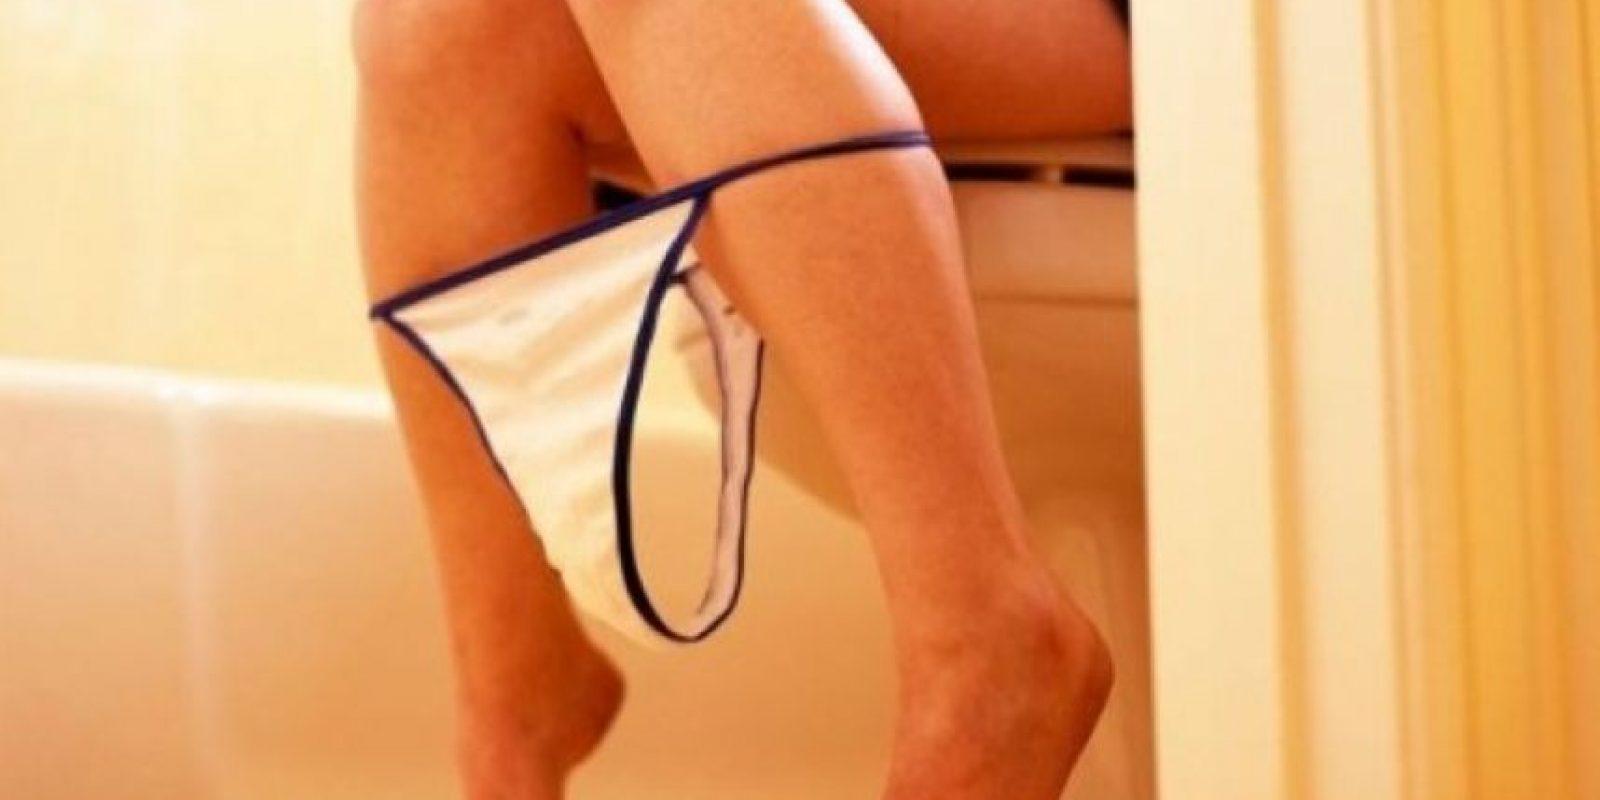 4. Según los investigadores australianos, la masturbación reduce infecciones o enfermedades urinarias. Foto:Flickr